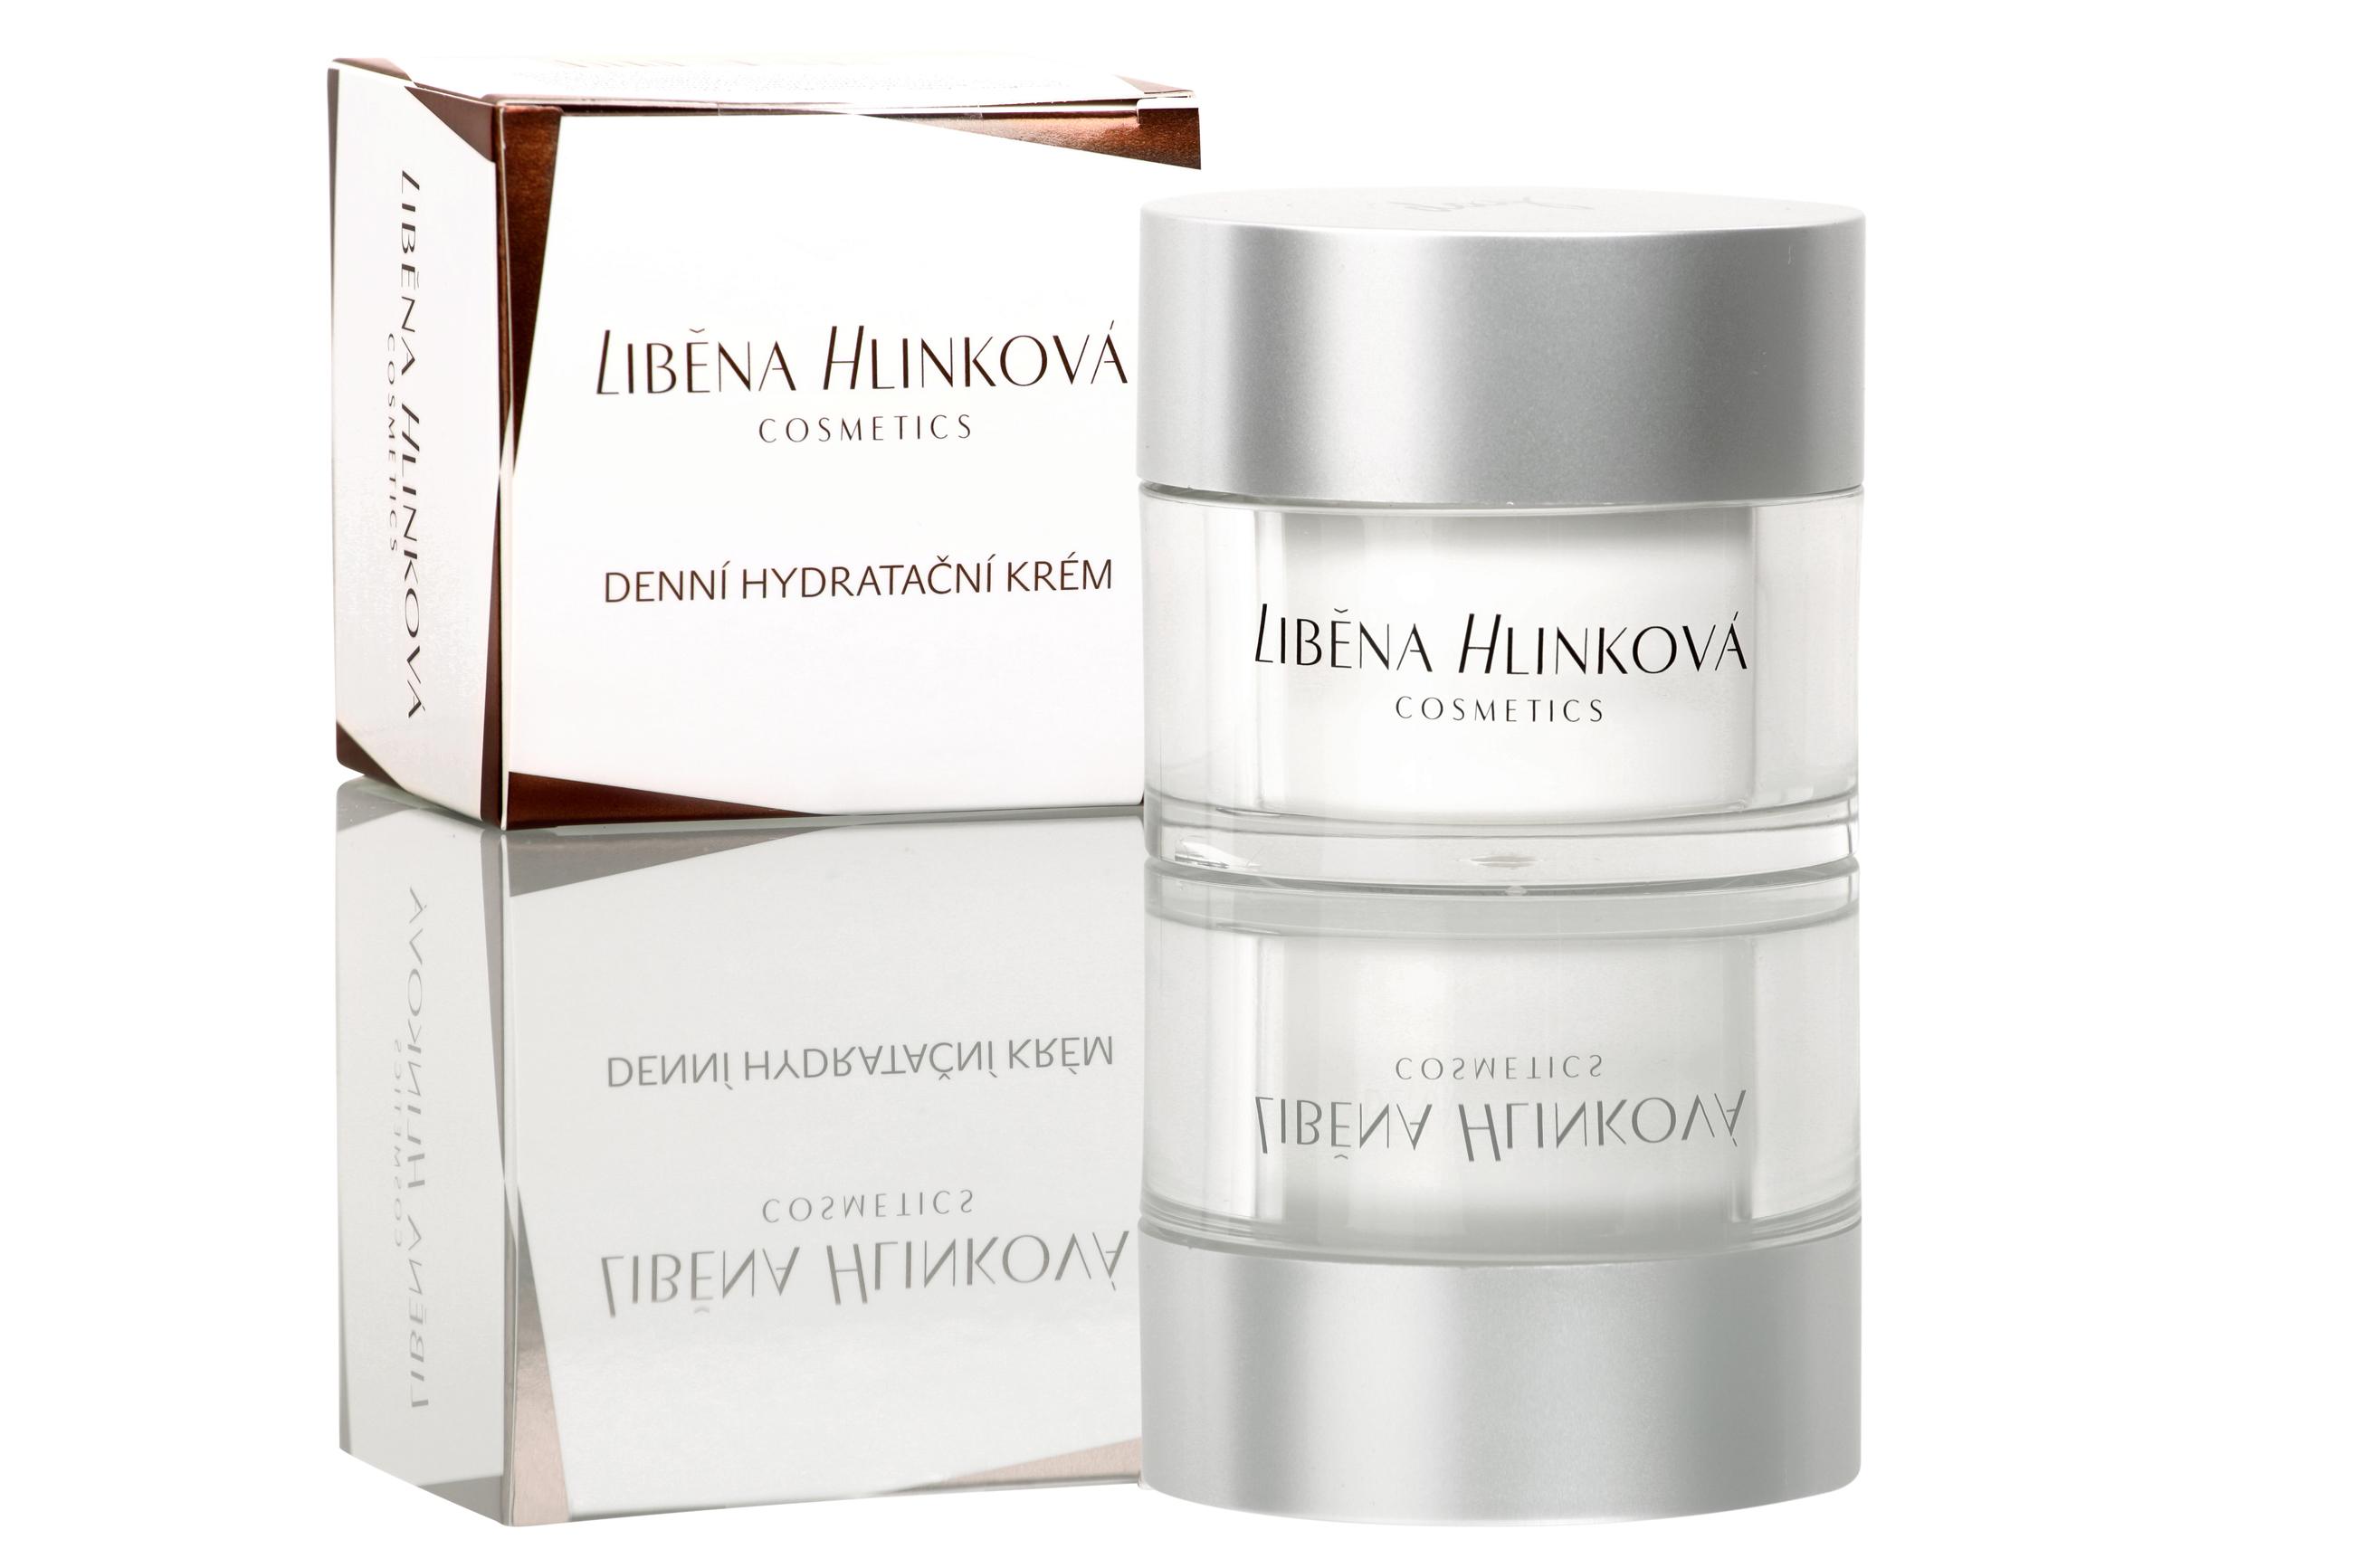 Liběna Hlinková Cosmetics